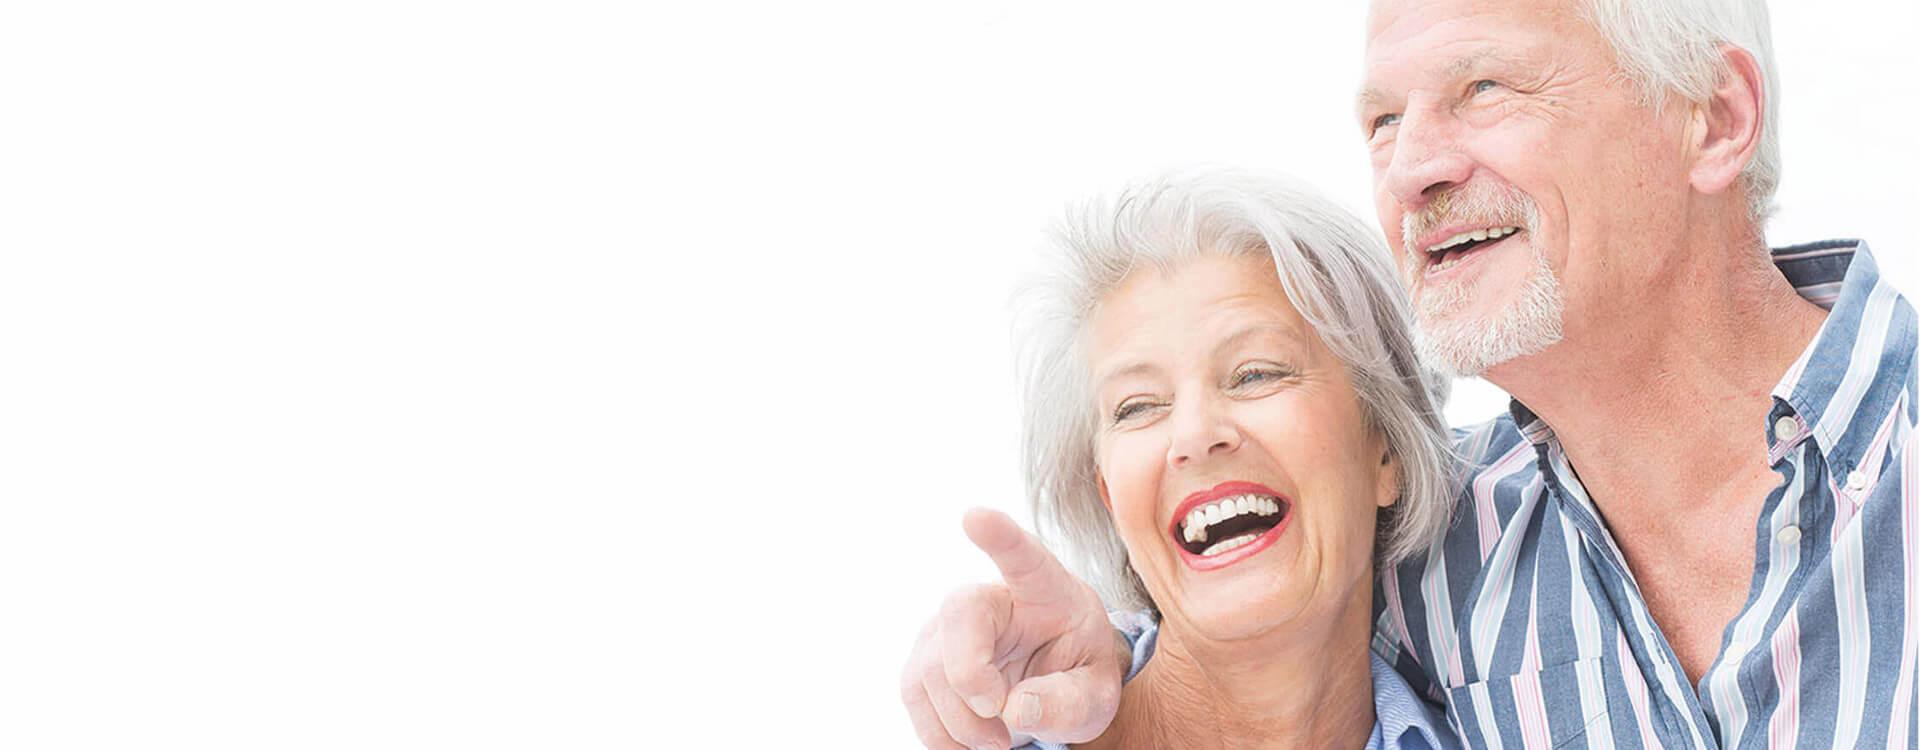 protesi dentale milano